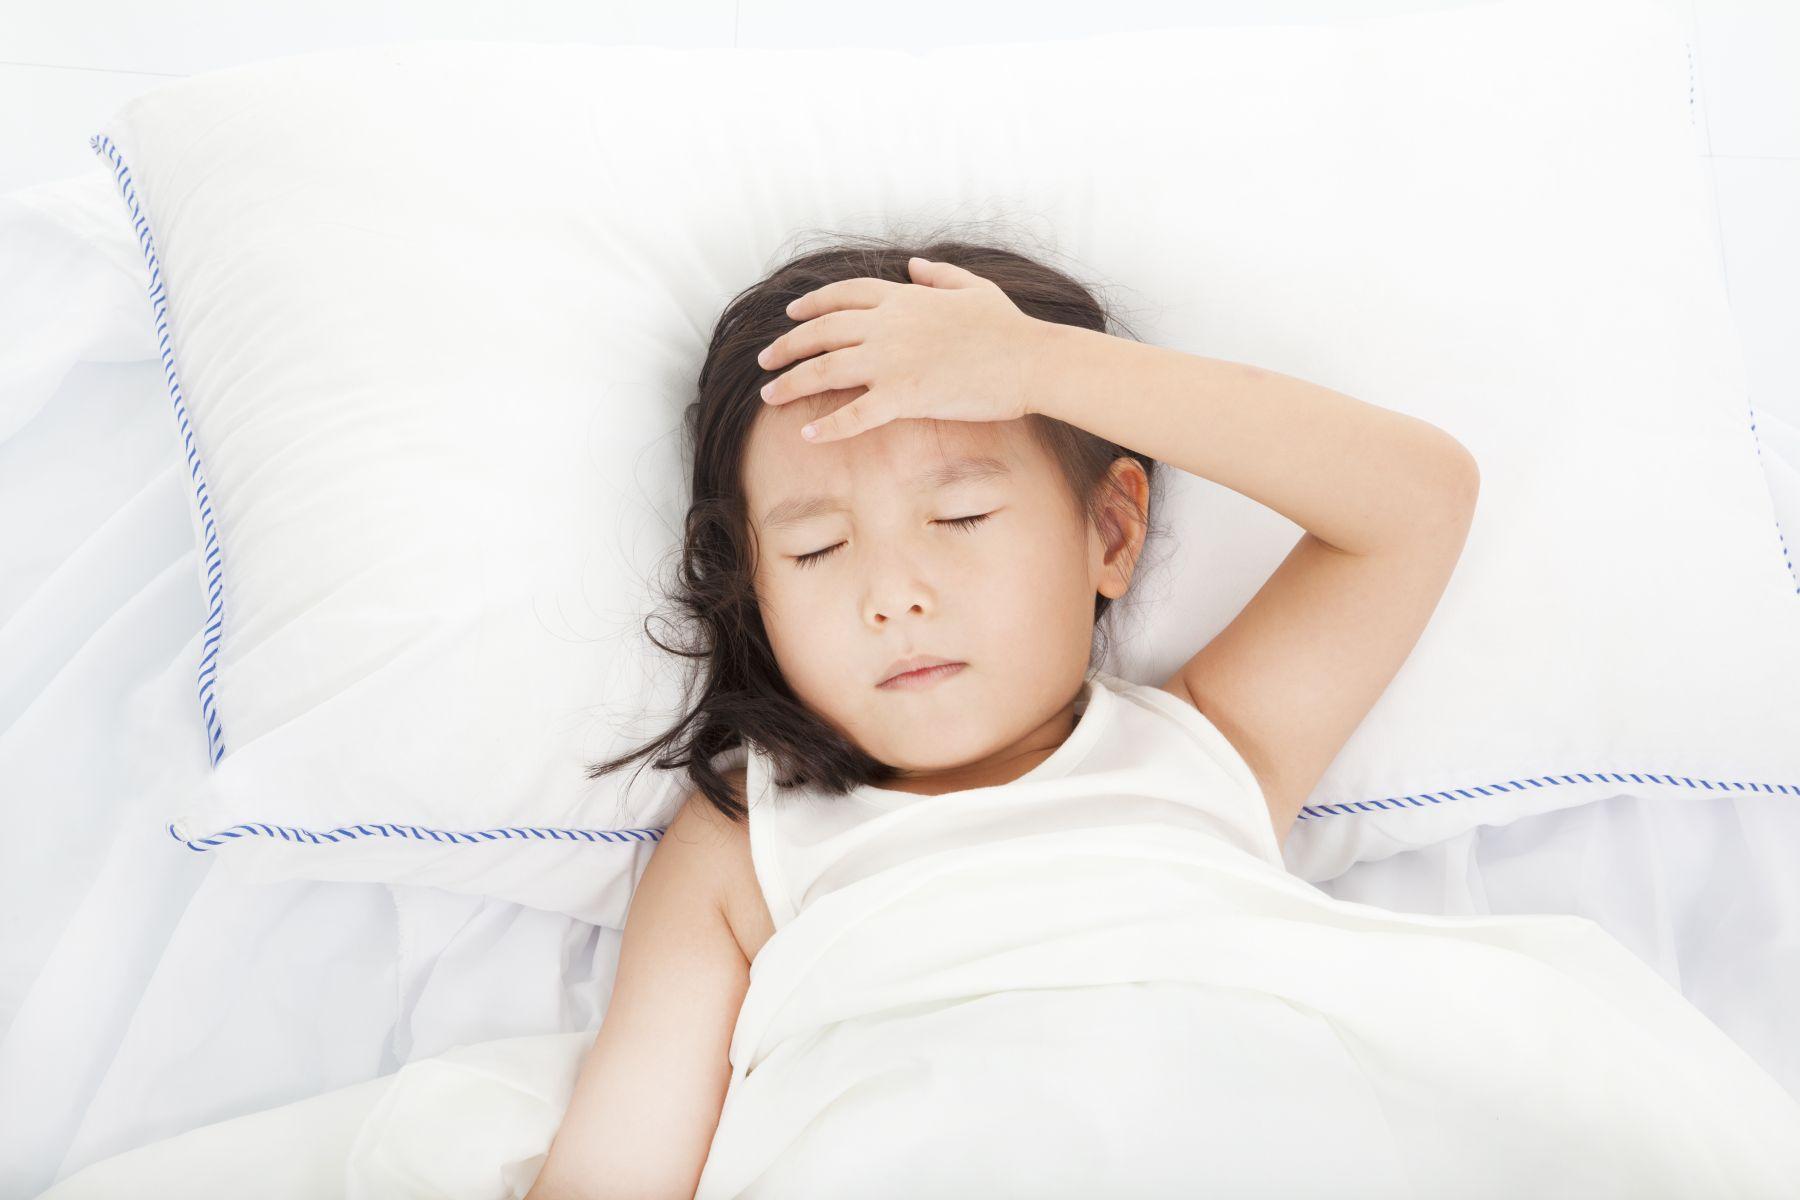 【醫師教戰】感冒大流行期!流感、腸病毒來襲 該怎麼保護孩子?